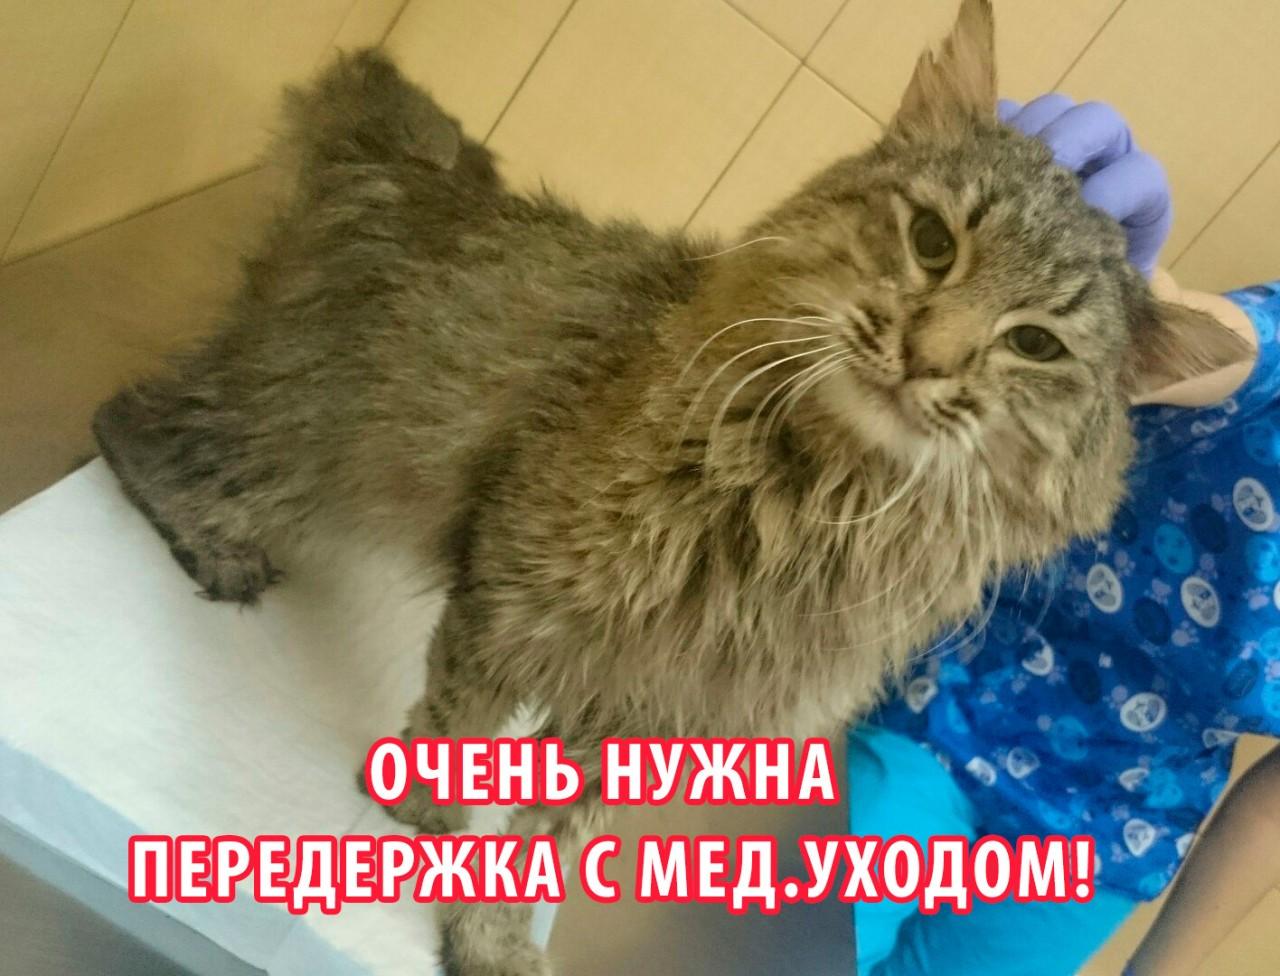 Москва. ИЩЕМ ПЕРЕДЕРЖКУ С МЕД.УХОДОМ КОТИКУ ЗЕВСУ.